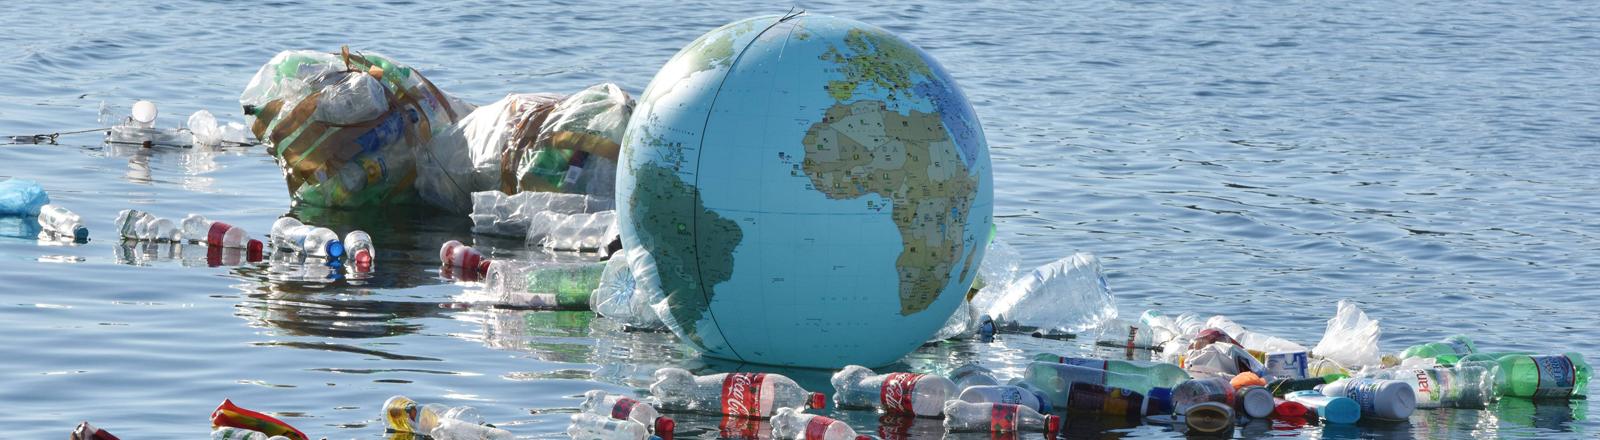 Eine Installation im Meer aus Plastikflaschen, Plastikmüll und einer Plastikweltkugel